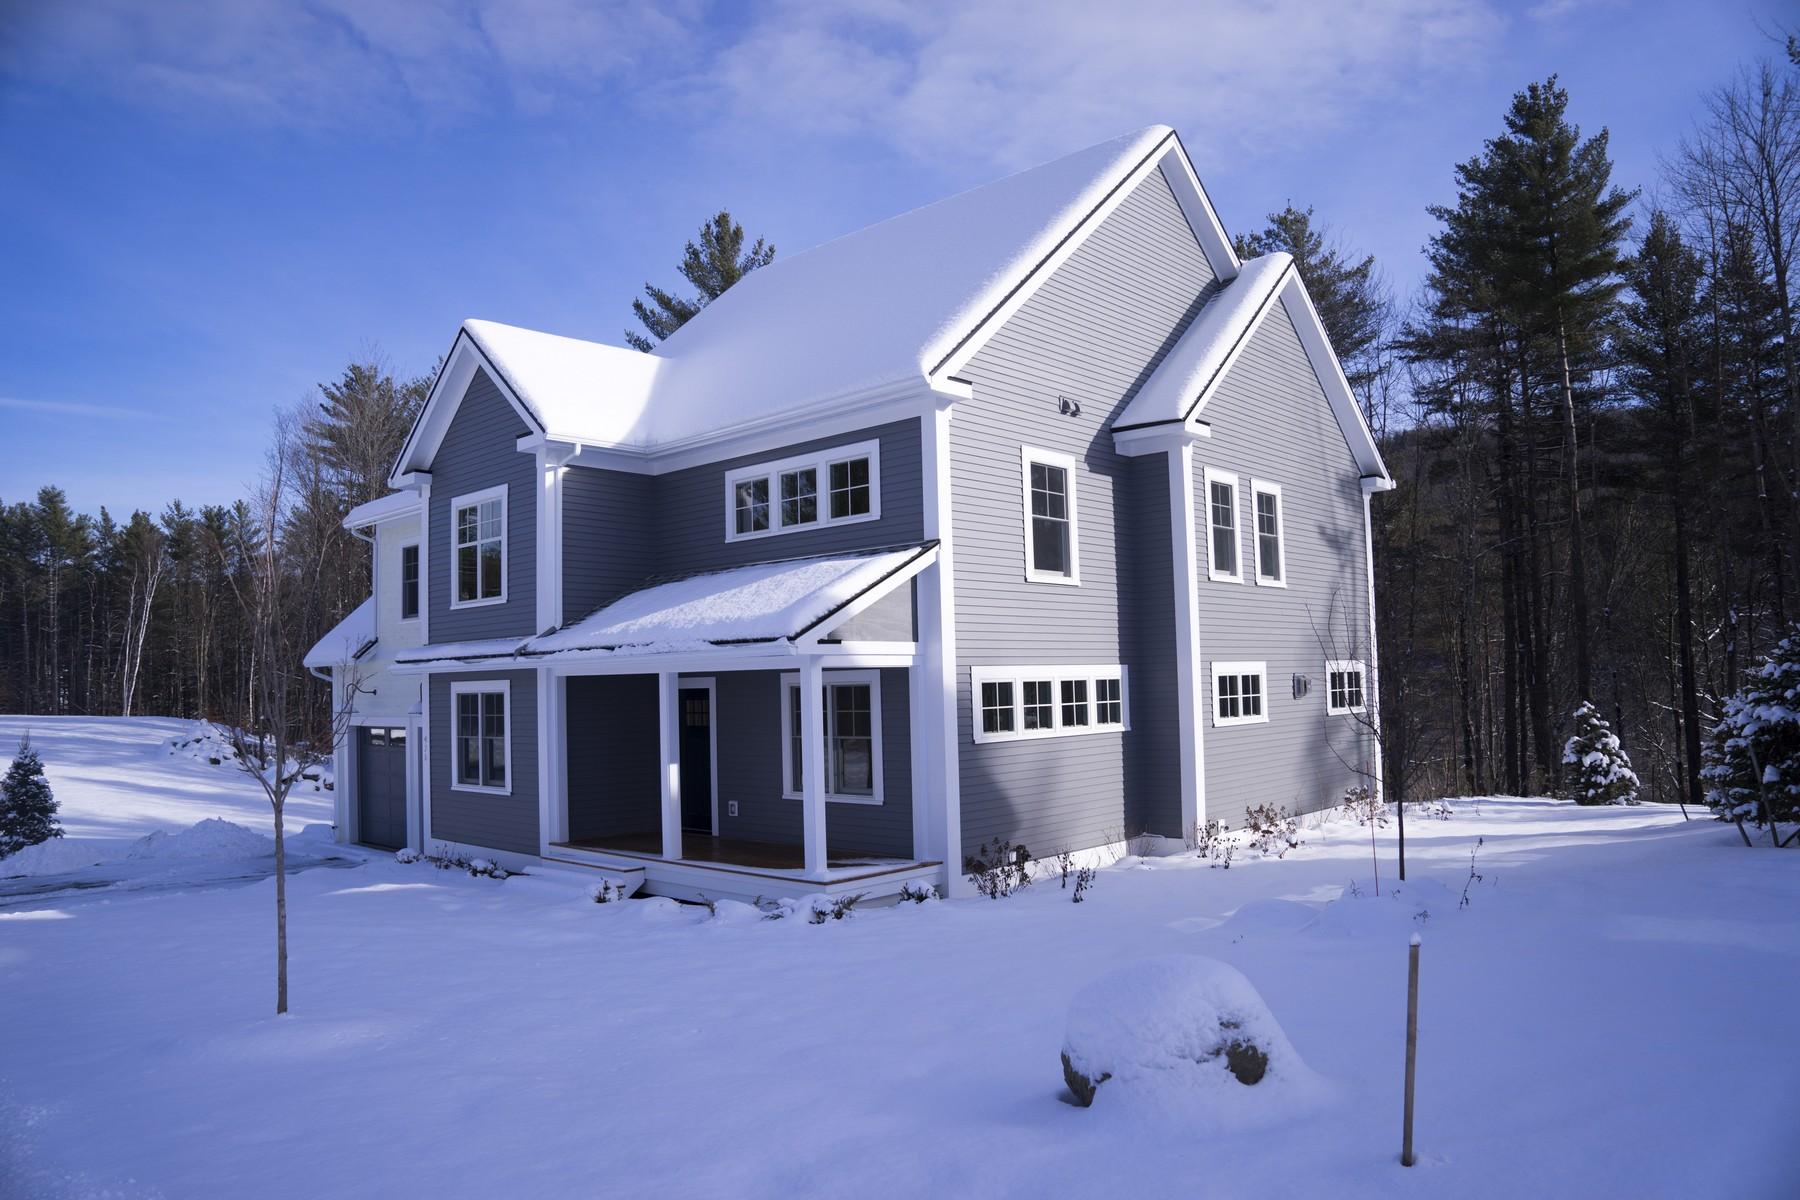 단독 가정 주택 용 매매 에 476 Thomas Lane, Stowe 476 Thomas Ln Stowe, 베르몬트, 05672 미국